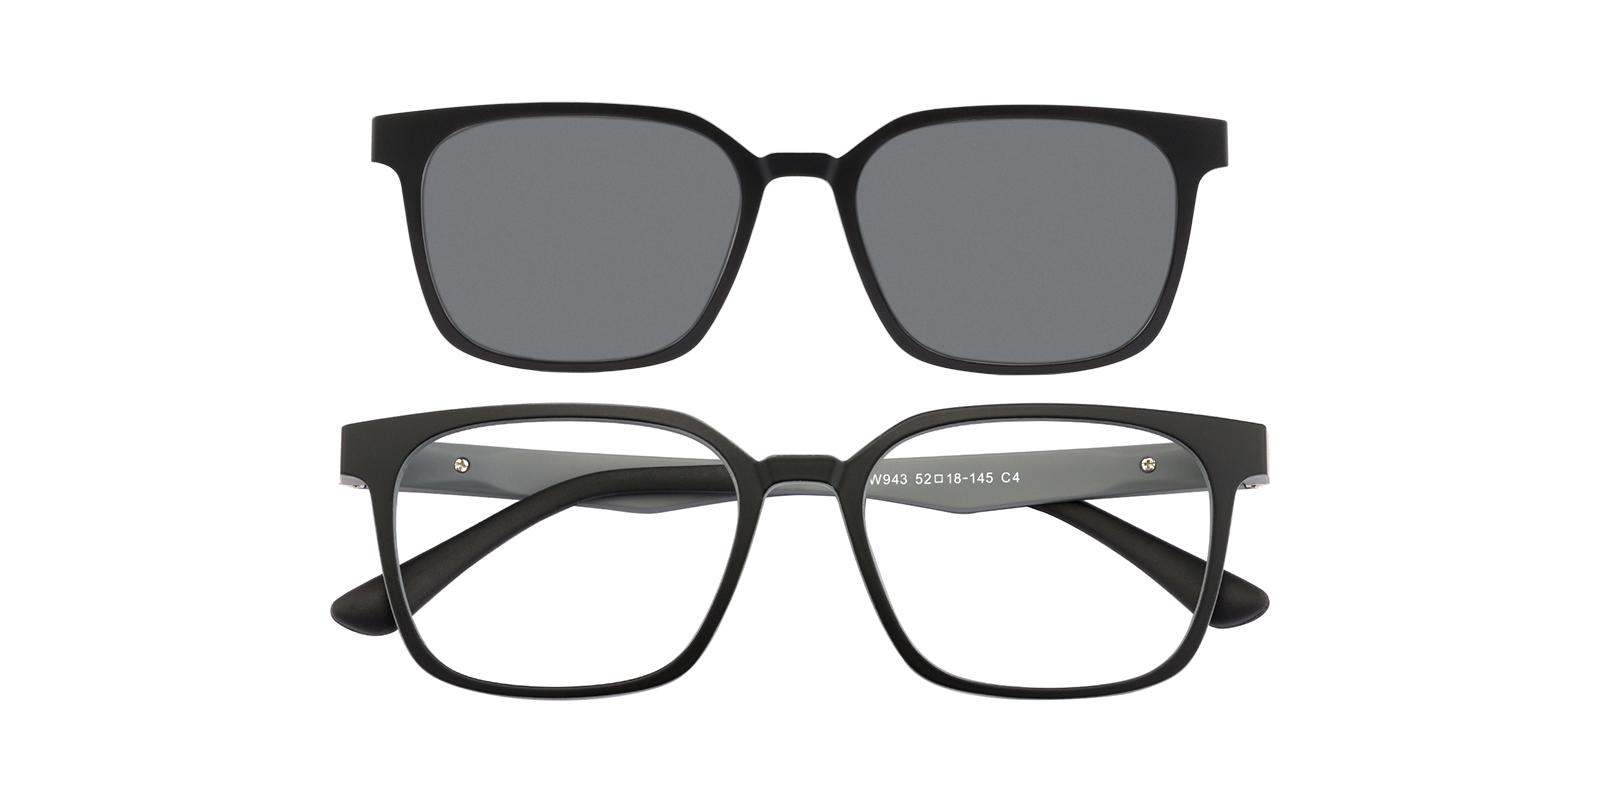 Women,Men's Square Eyeglasses, Full Frame Ultem Mblack/Gray - FP1814